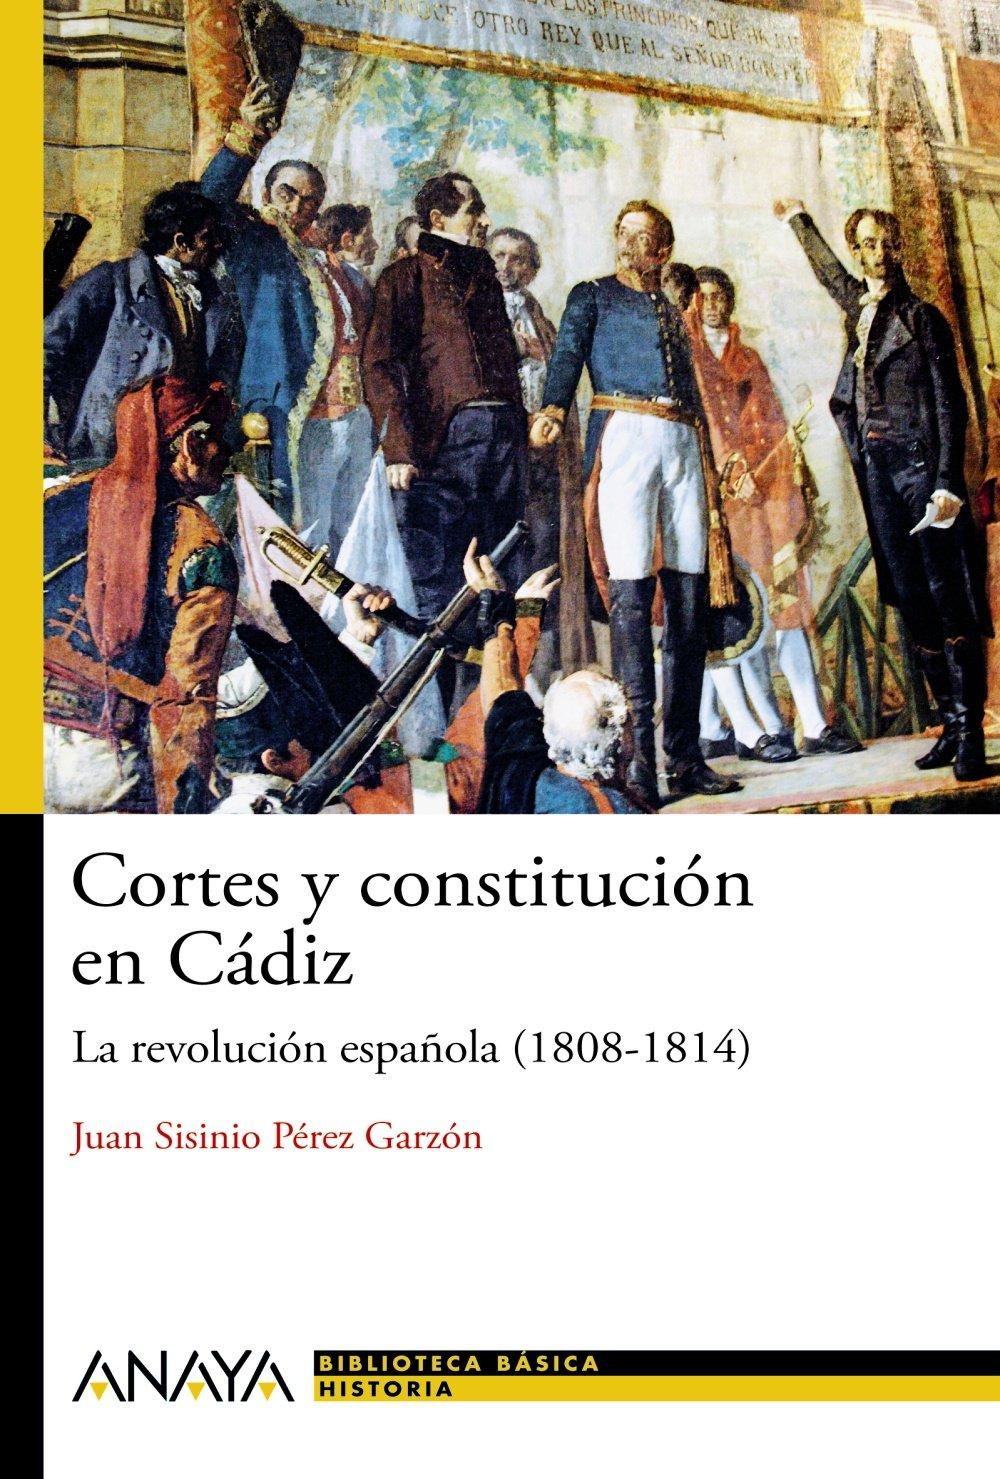 Cortes y constitución en Cádiz: La revolución española 1808-1814 Historia Y Literatura - Nueva Biblioteca Básica De Historia: Amazon.es: Pérez Garzón, Juan Sisinio: Libros